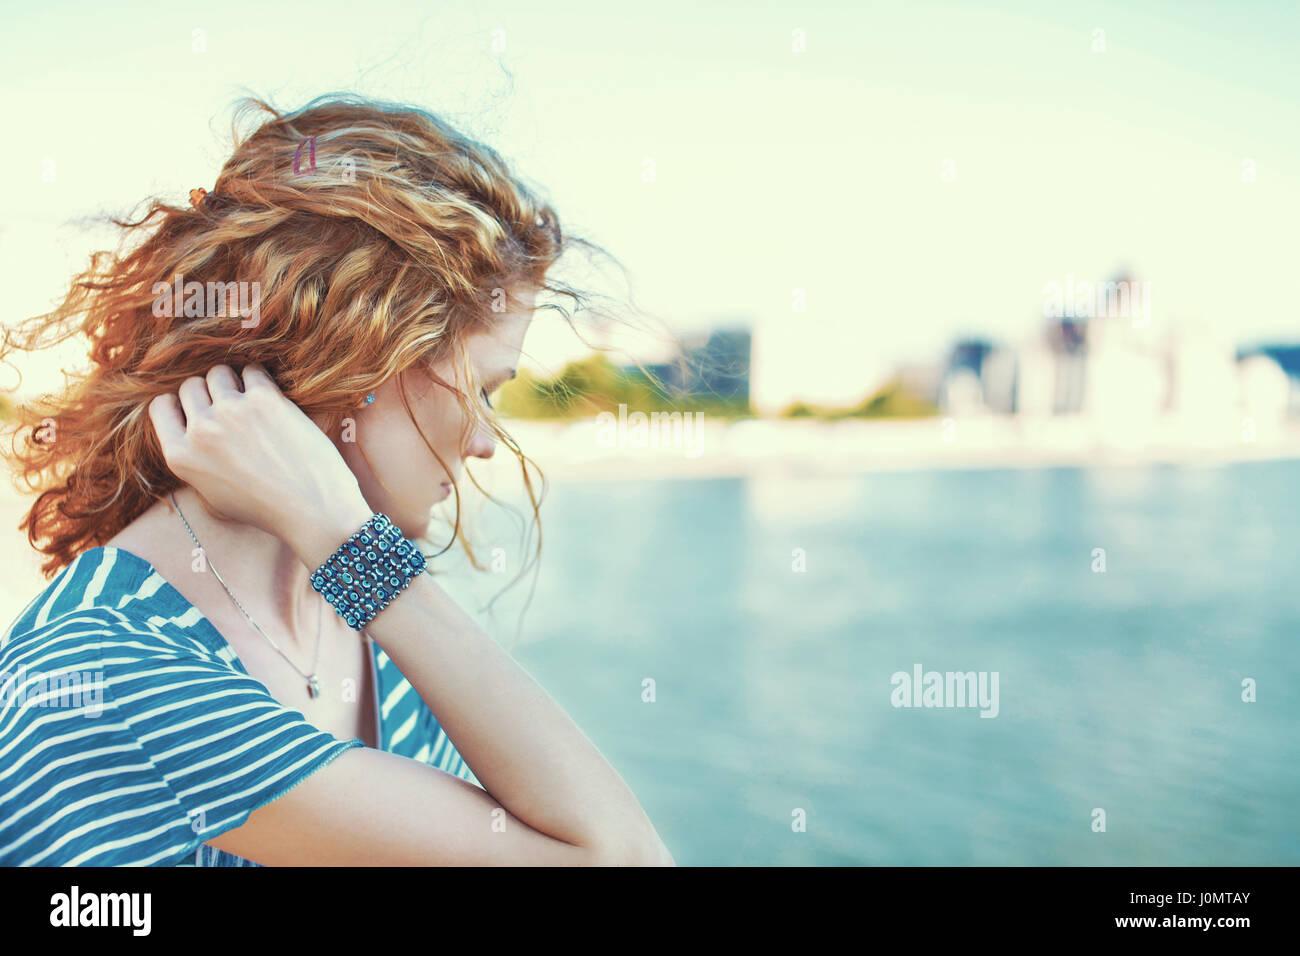 Triste pelirroja mujer mirando lejos sobre el río piscina Imagen De Stock